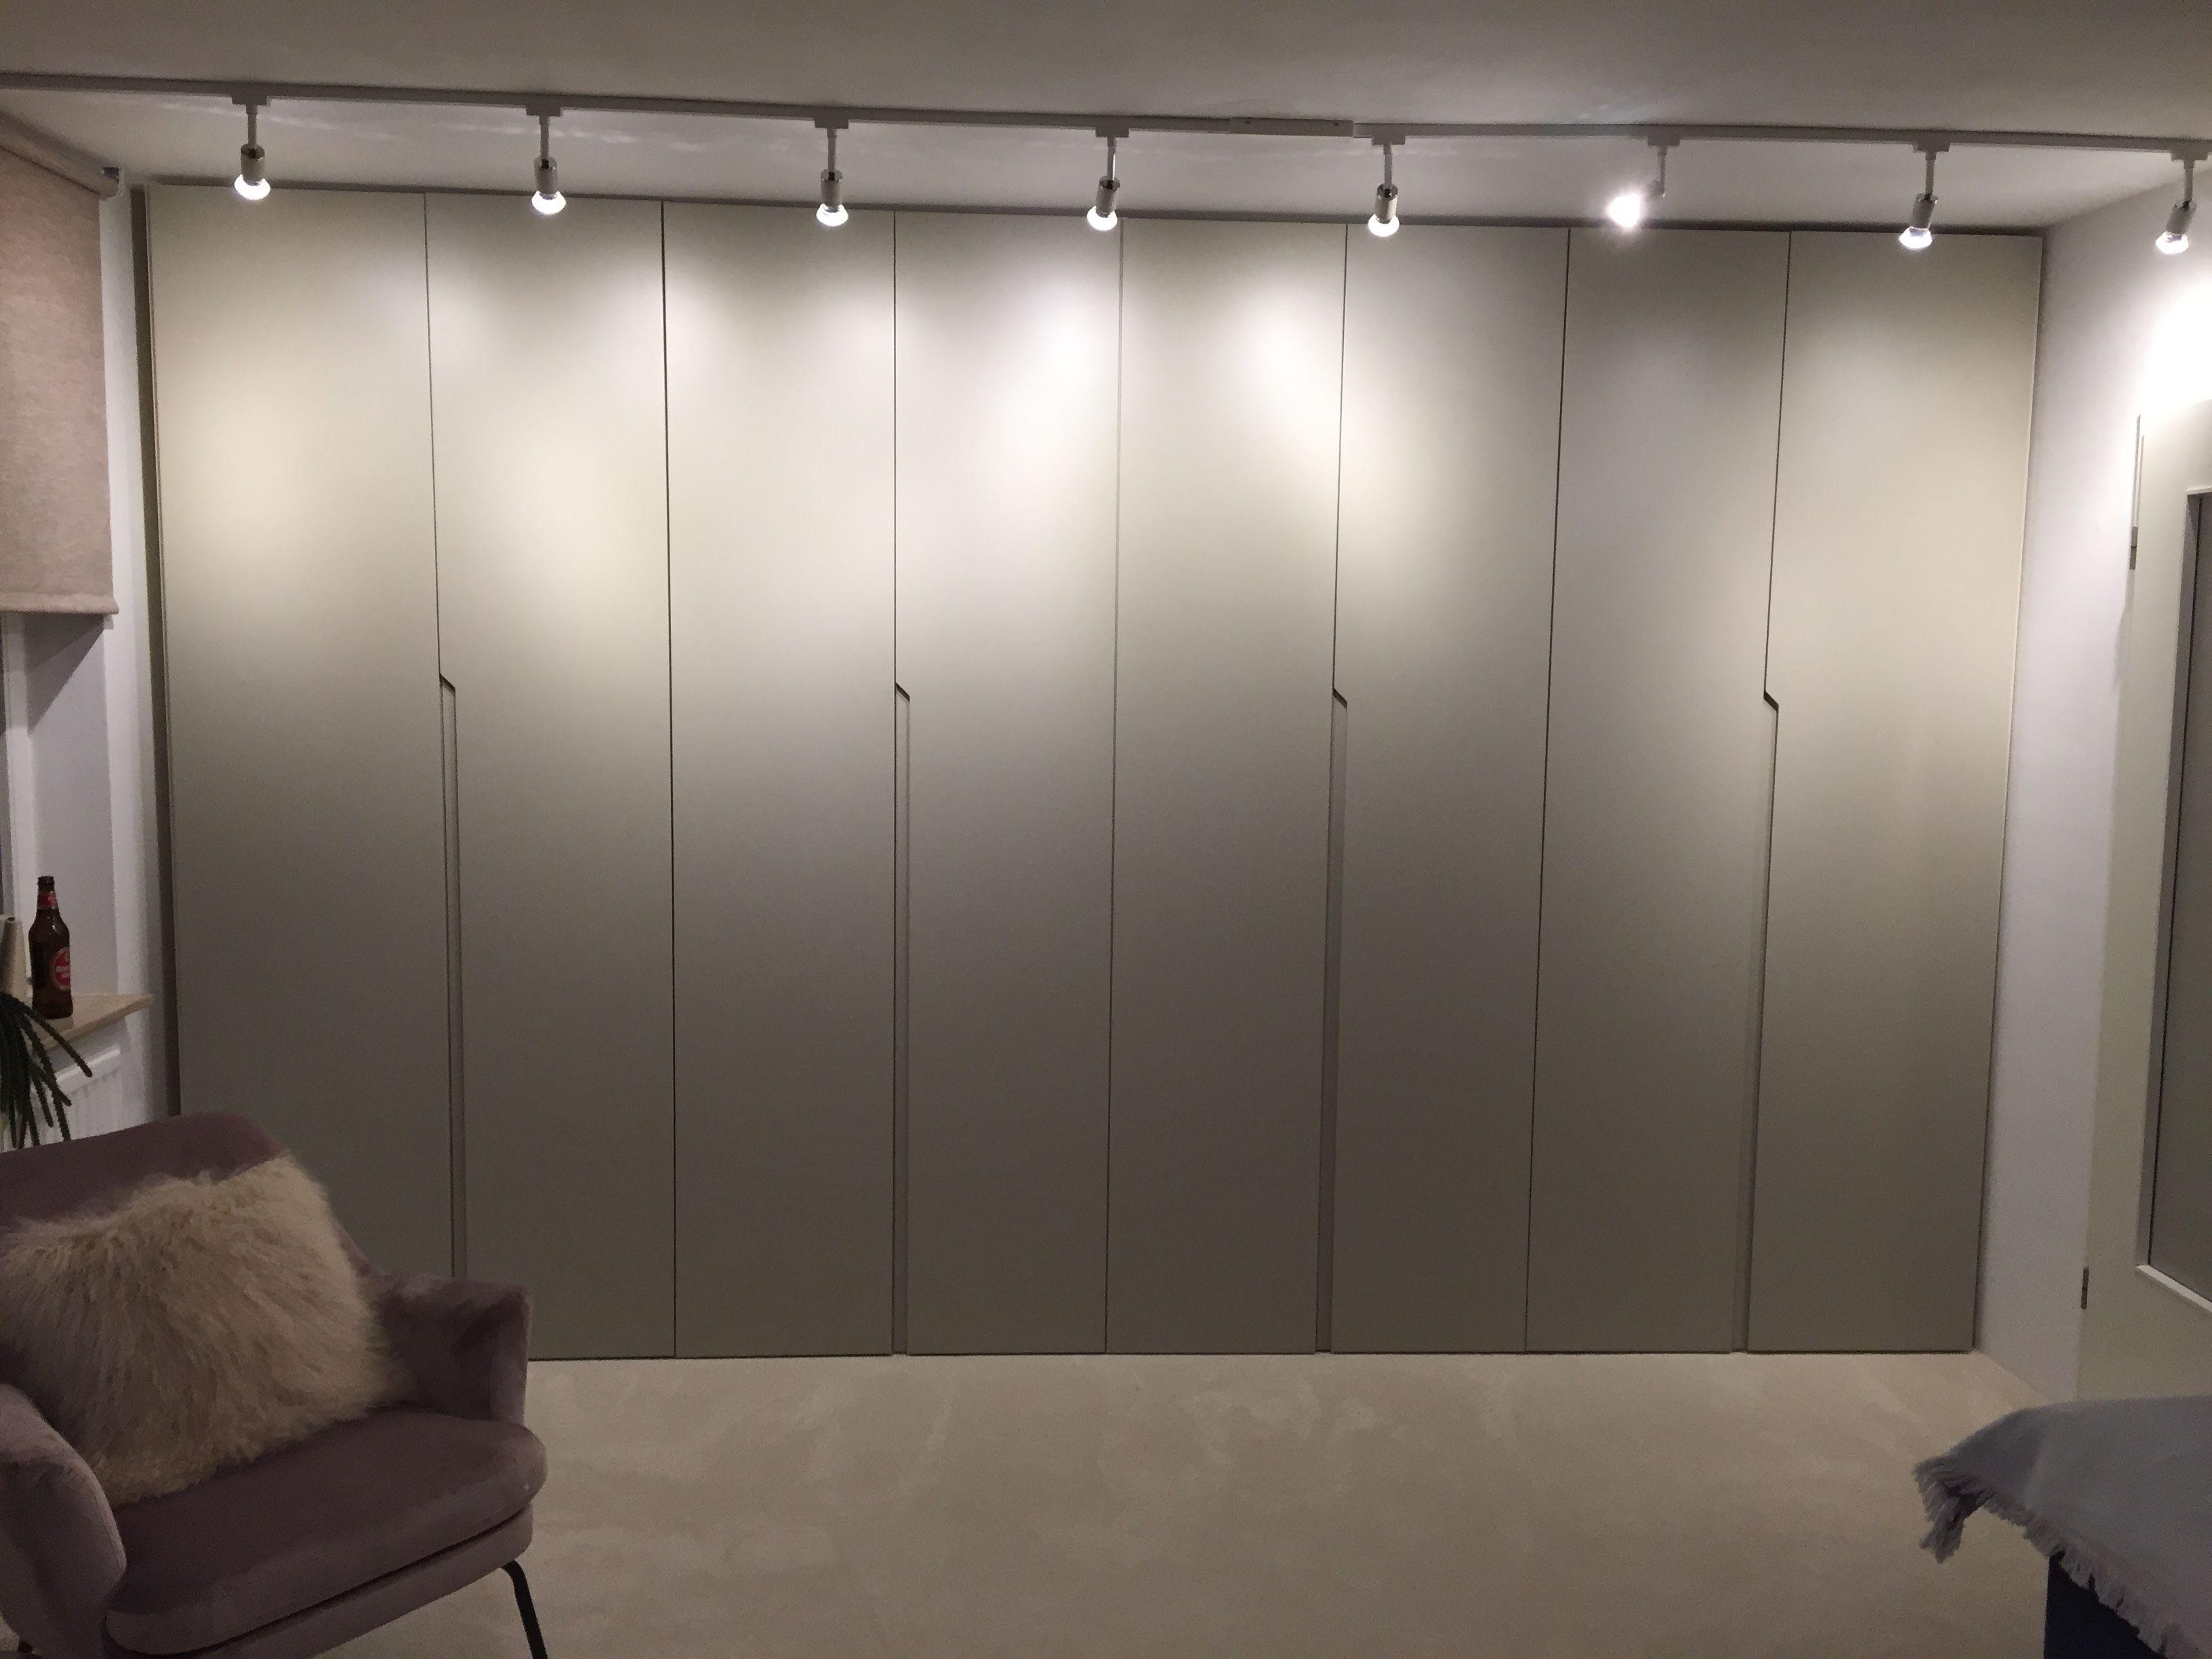 Idaw Schrank Nach Mass Einbauschranke Und Design Kommoden Interior Room Interior Design